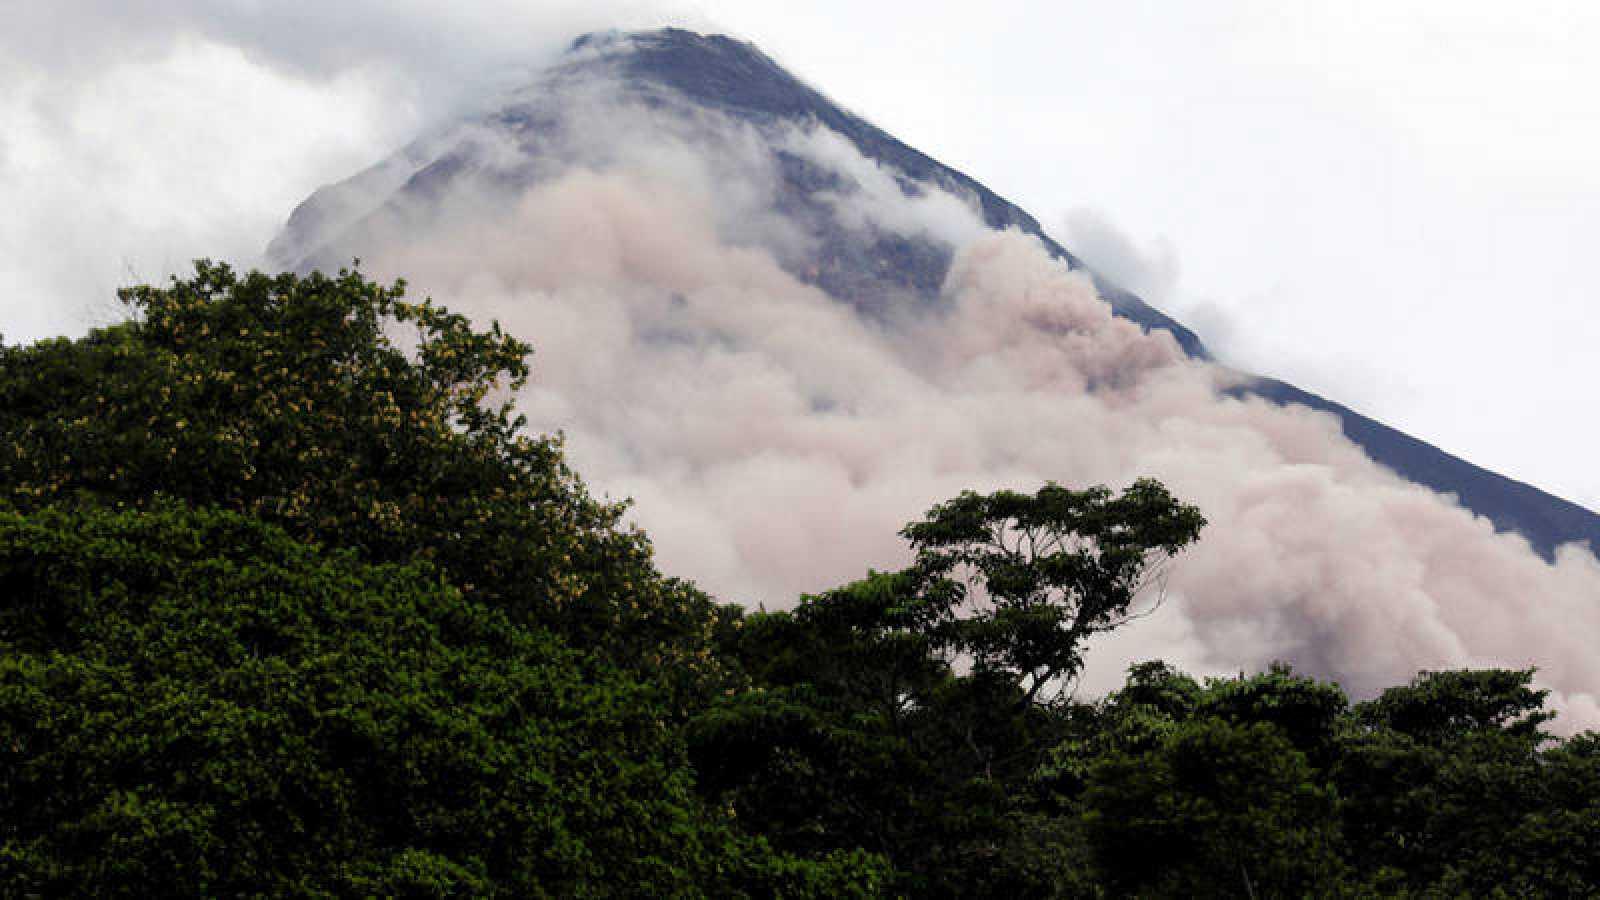 Vista del volcán del Fuego desde Escuintla, Guatemala.